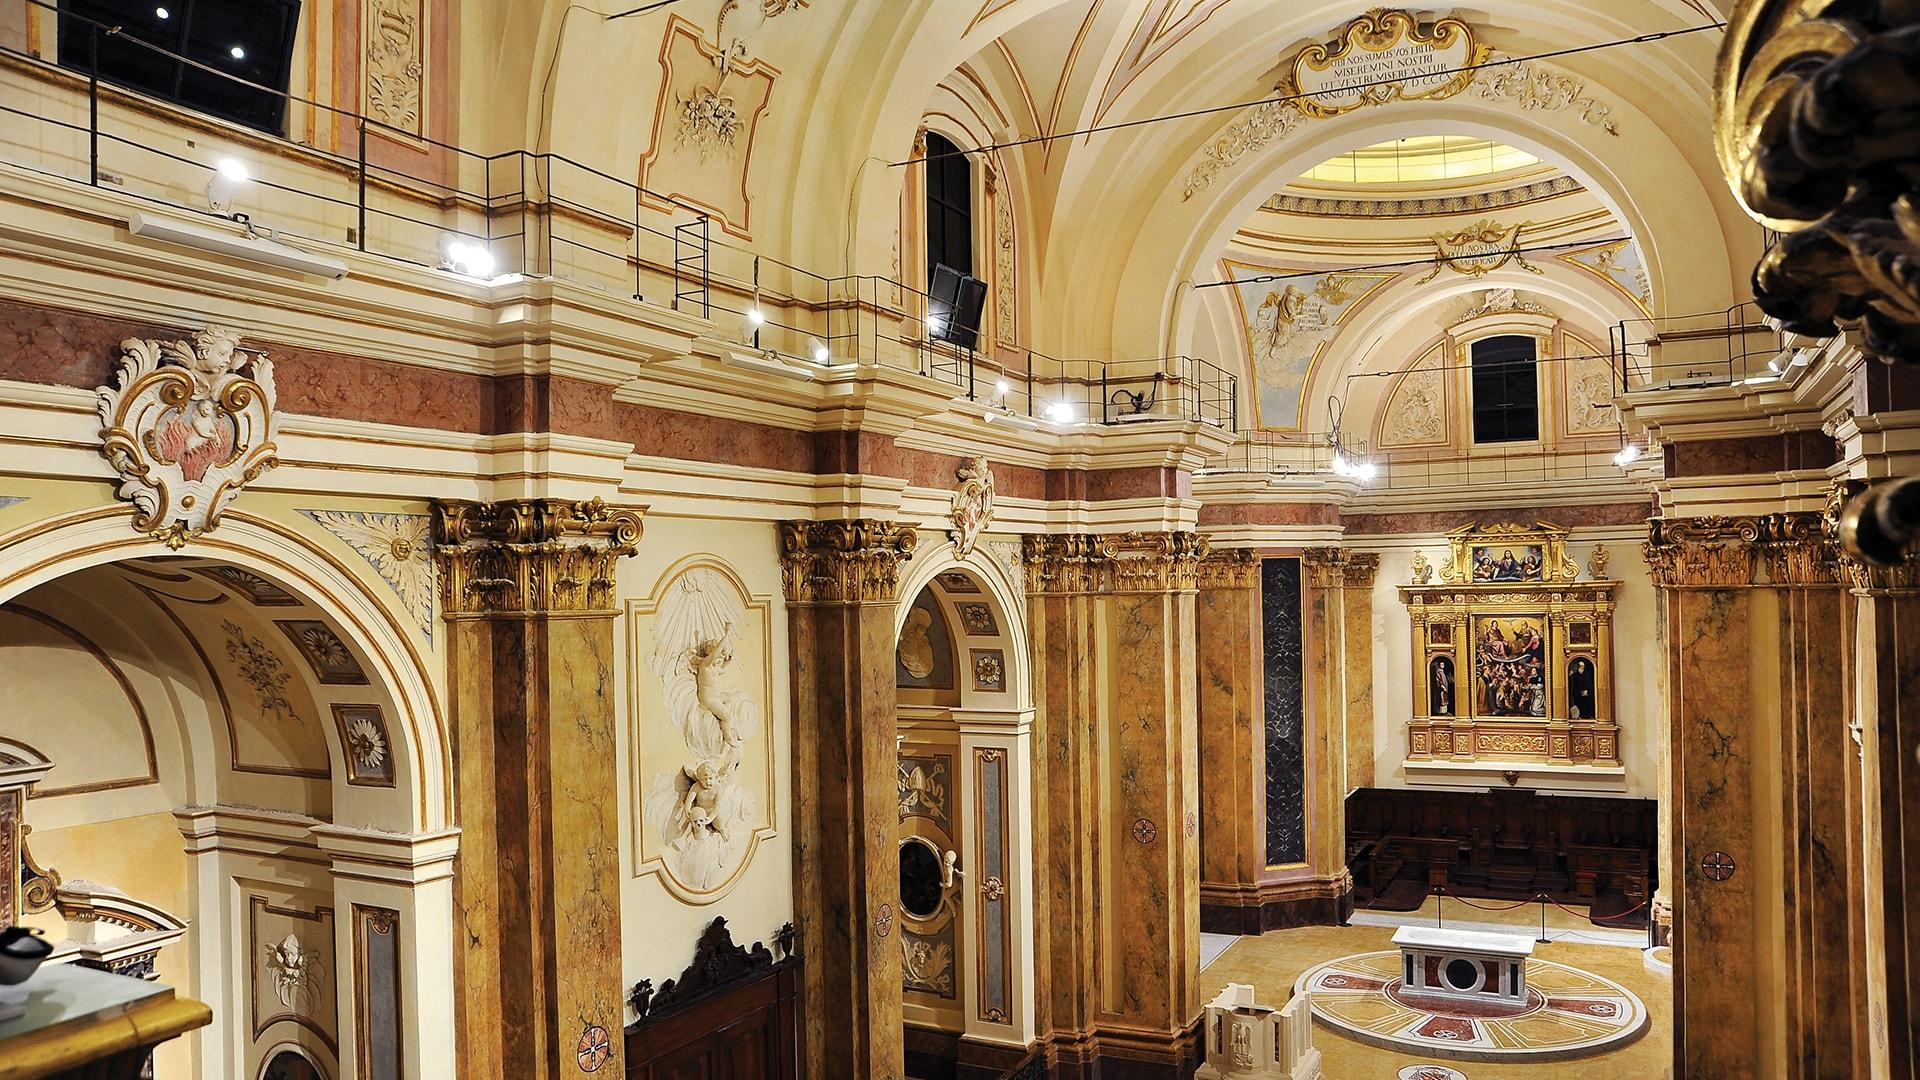 chiesa-santa-maria-suffragio-anime-sante-laquila-abruzzo-immagine-restauro-organo-14